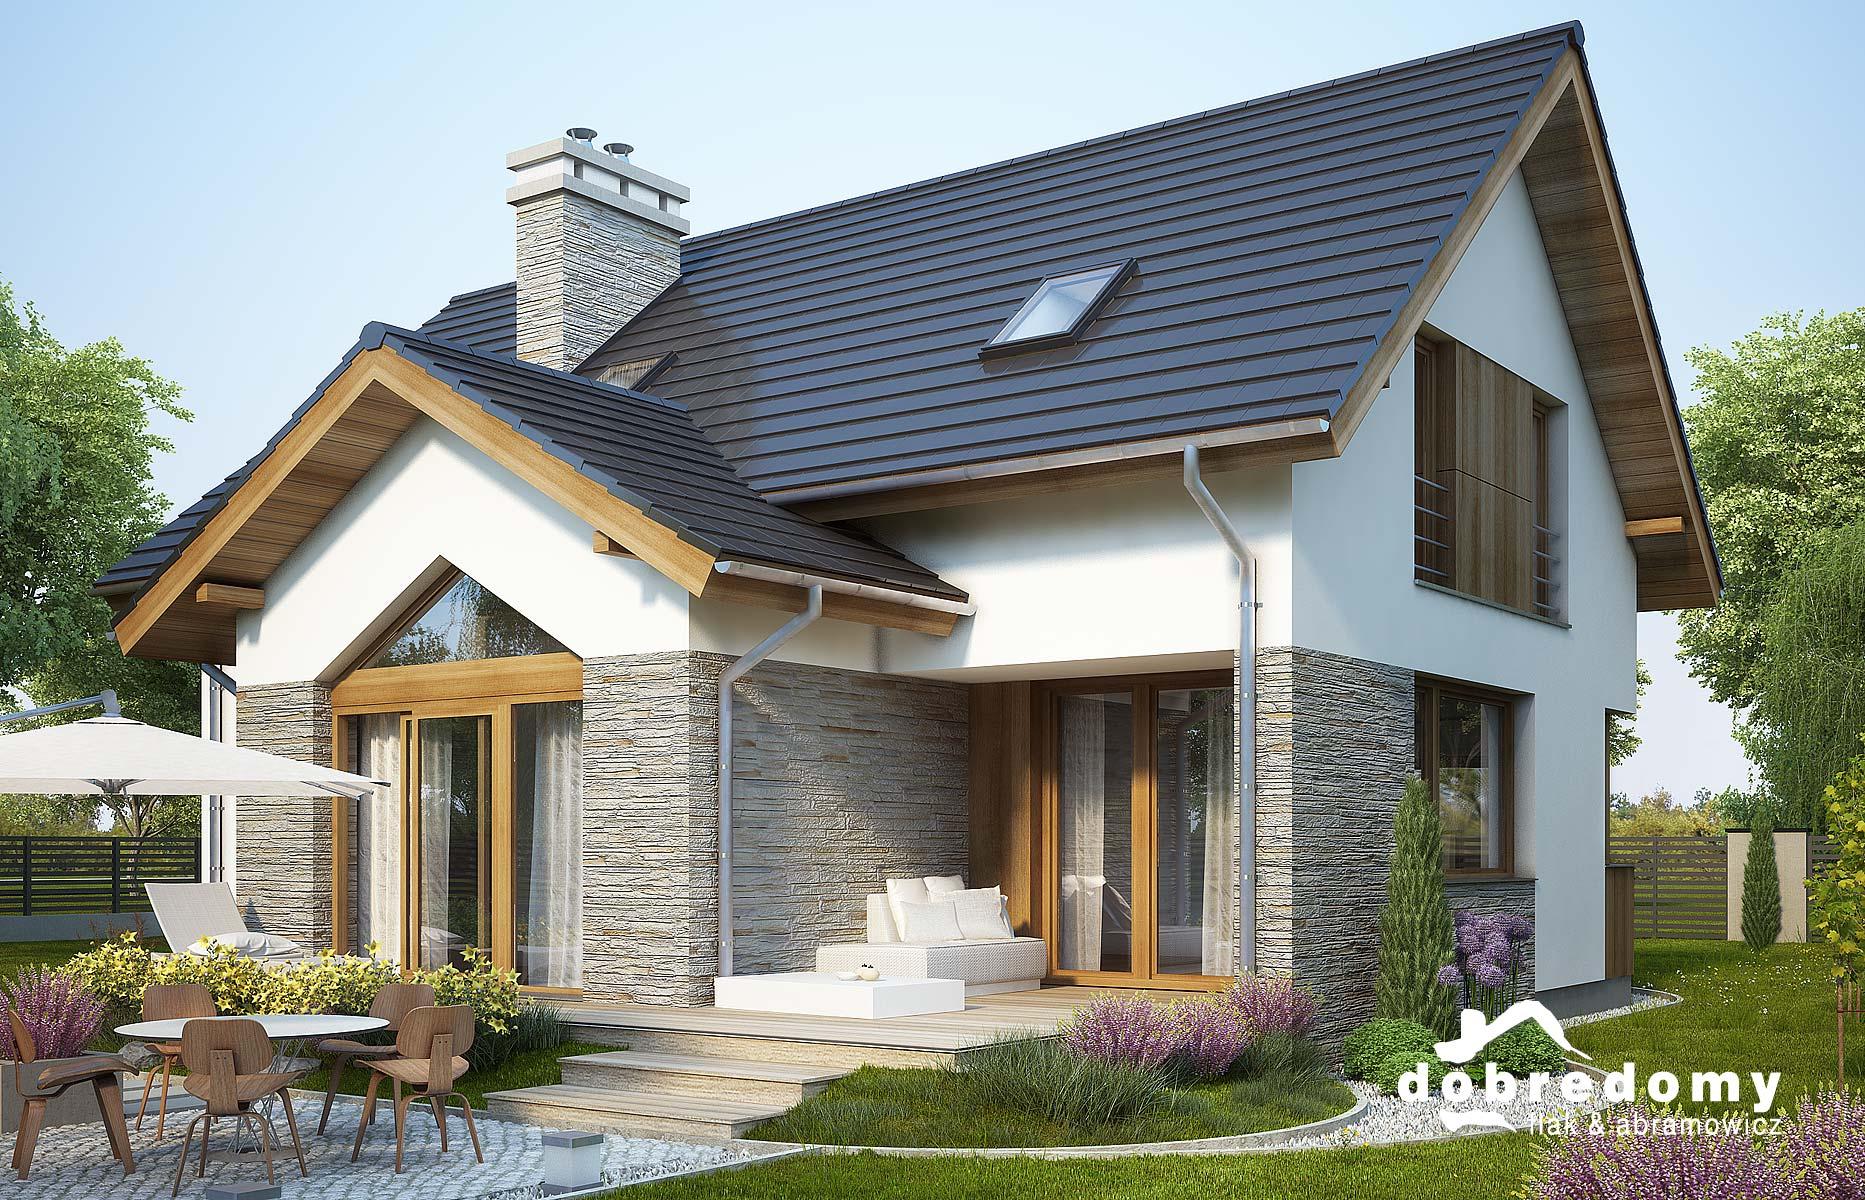 10 najczęstszych błędów przy budowie domu – jak ich uniknąć?